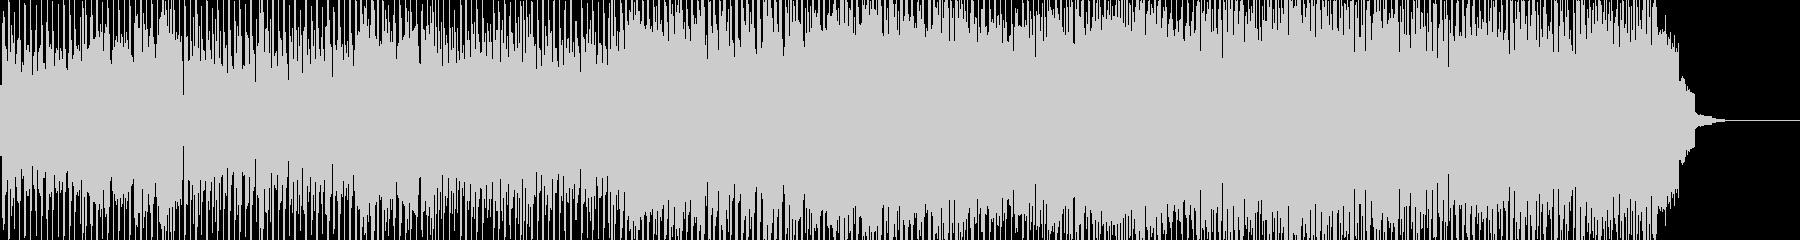 弾むようなムードのポップ/ロック・...の未再生の波形